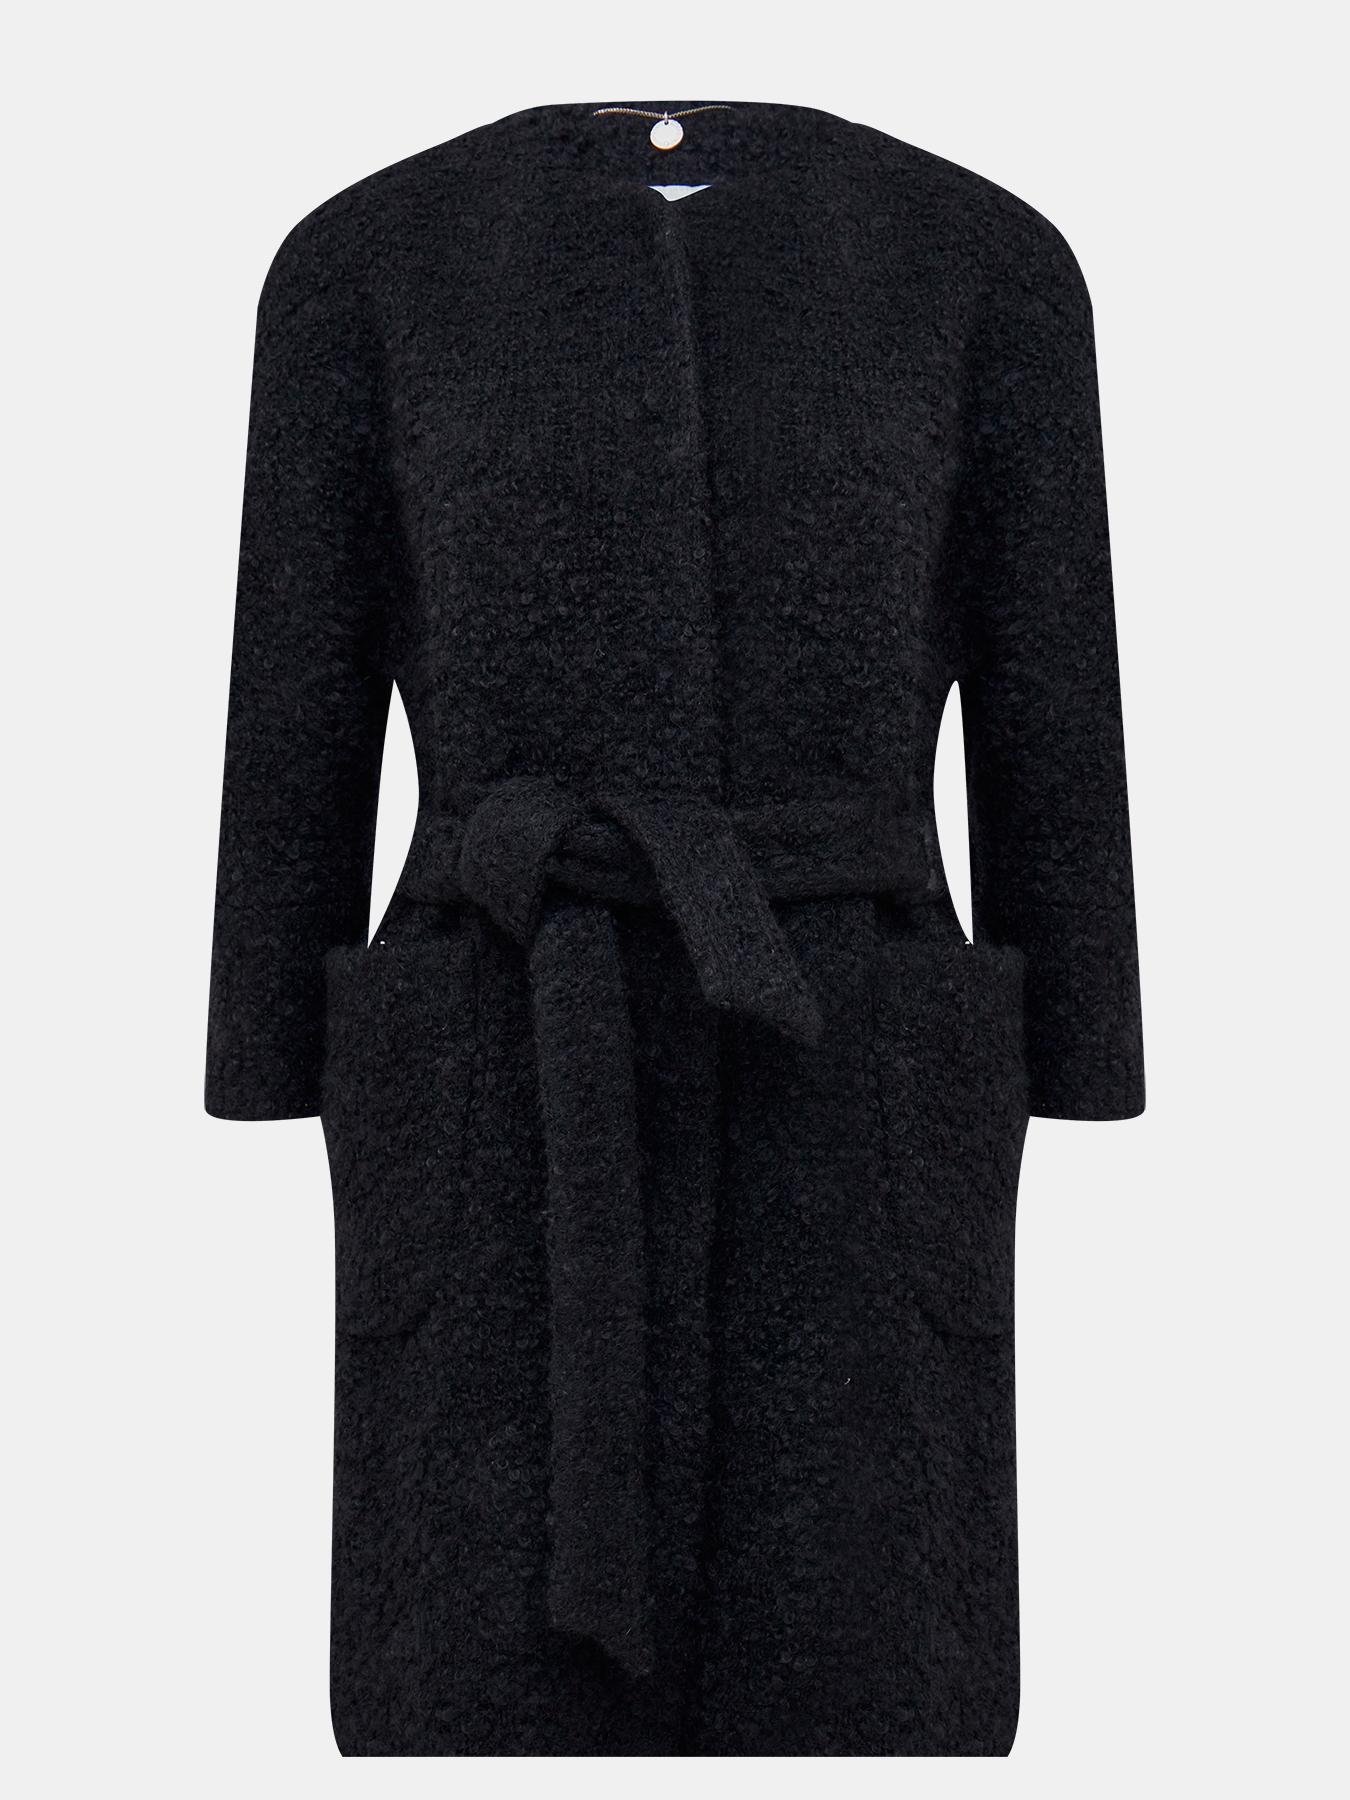 Пальто Korpo Two Пальто пальто korpo мужское пальто